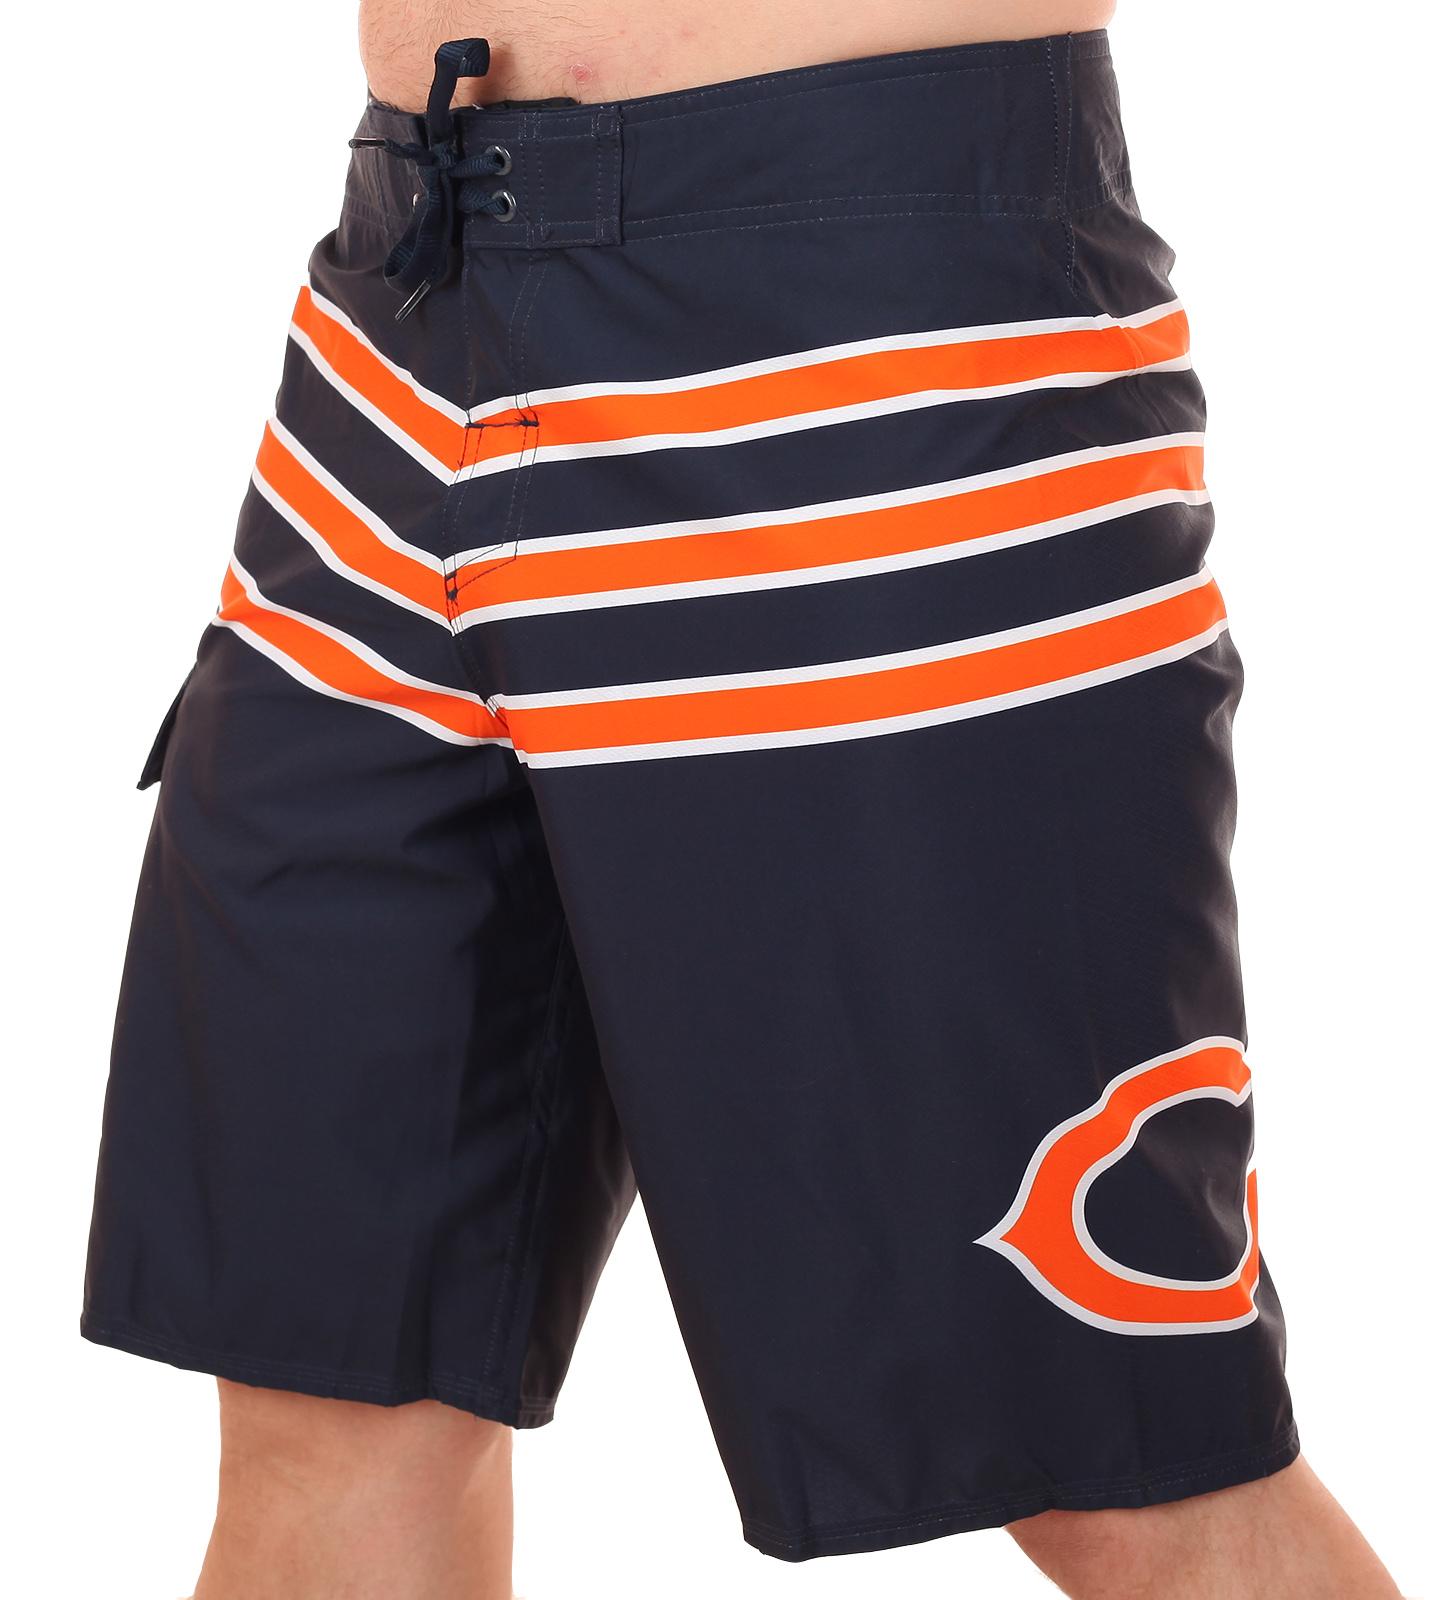 Бордшорты с логотипом футбольного клуба Chicago Bears